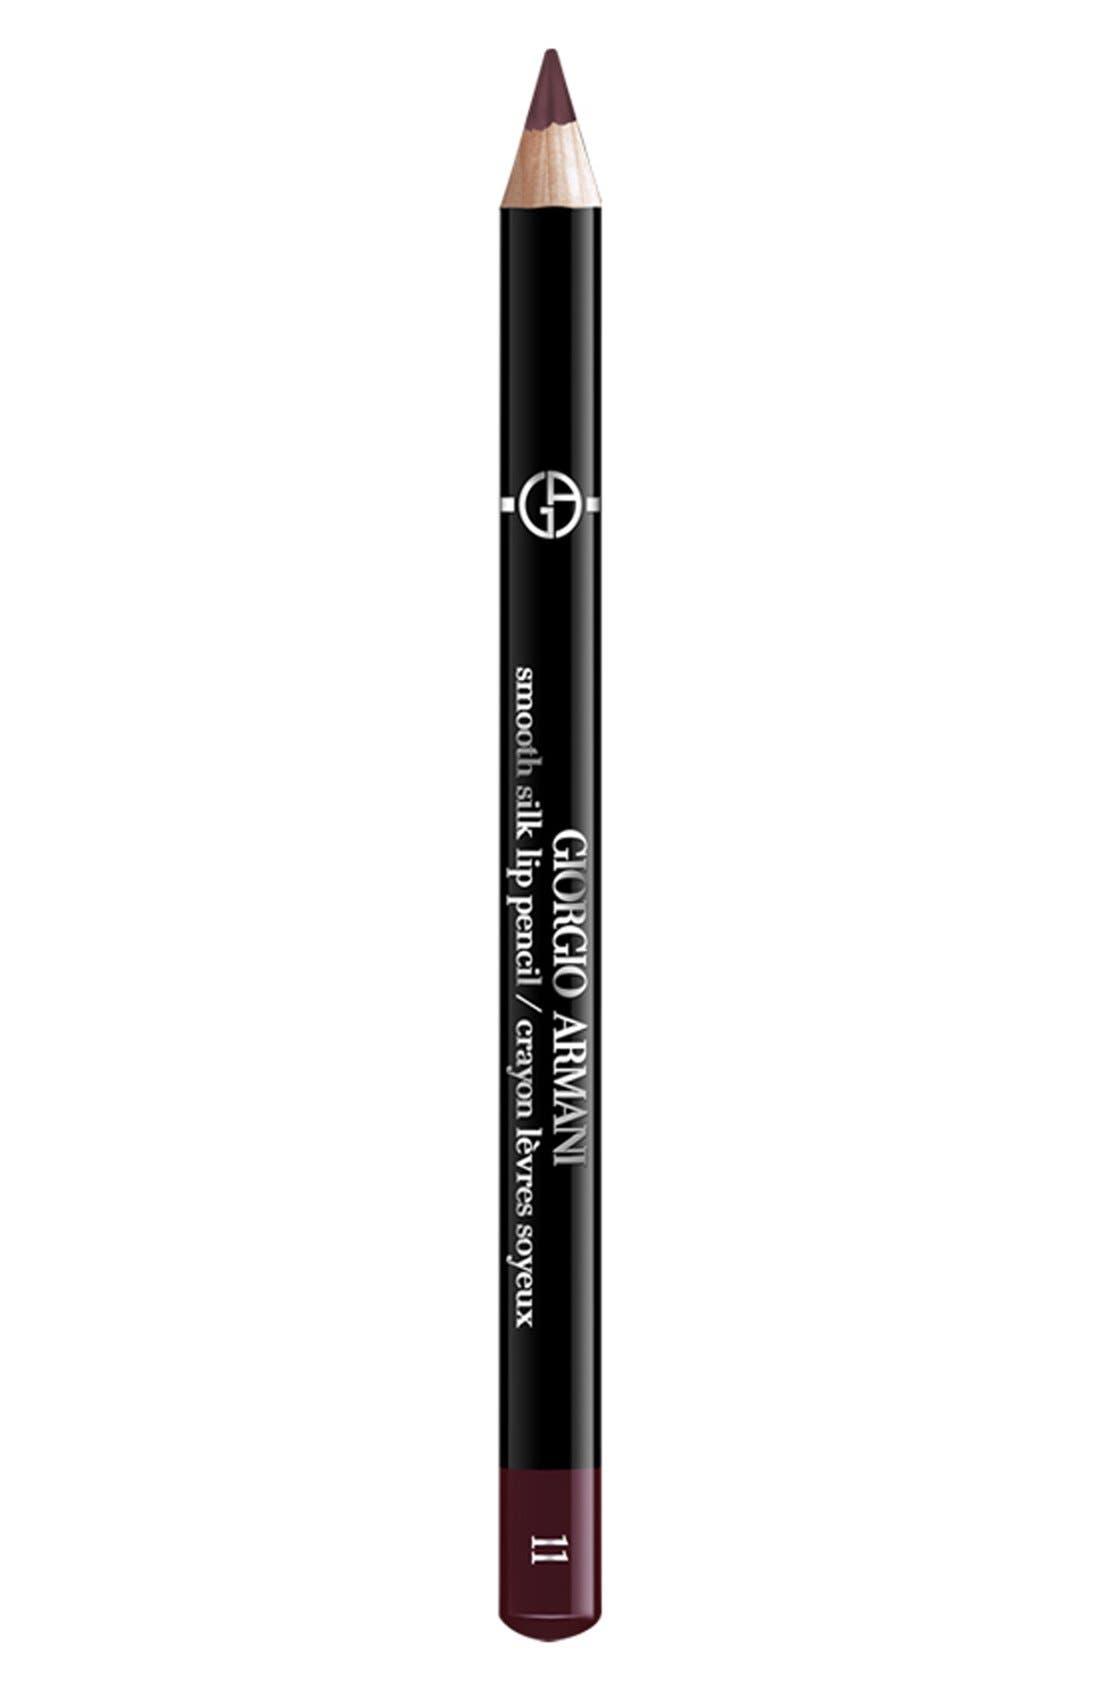 Giorgio Armani 'Smooth Silk' Lip Pencil